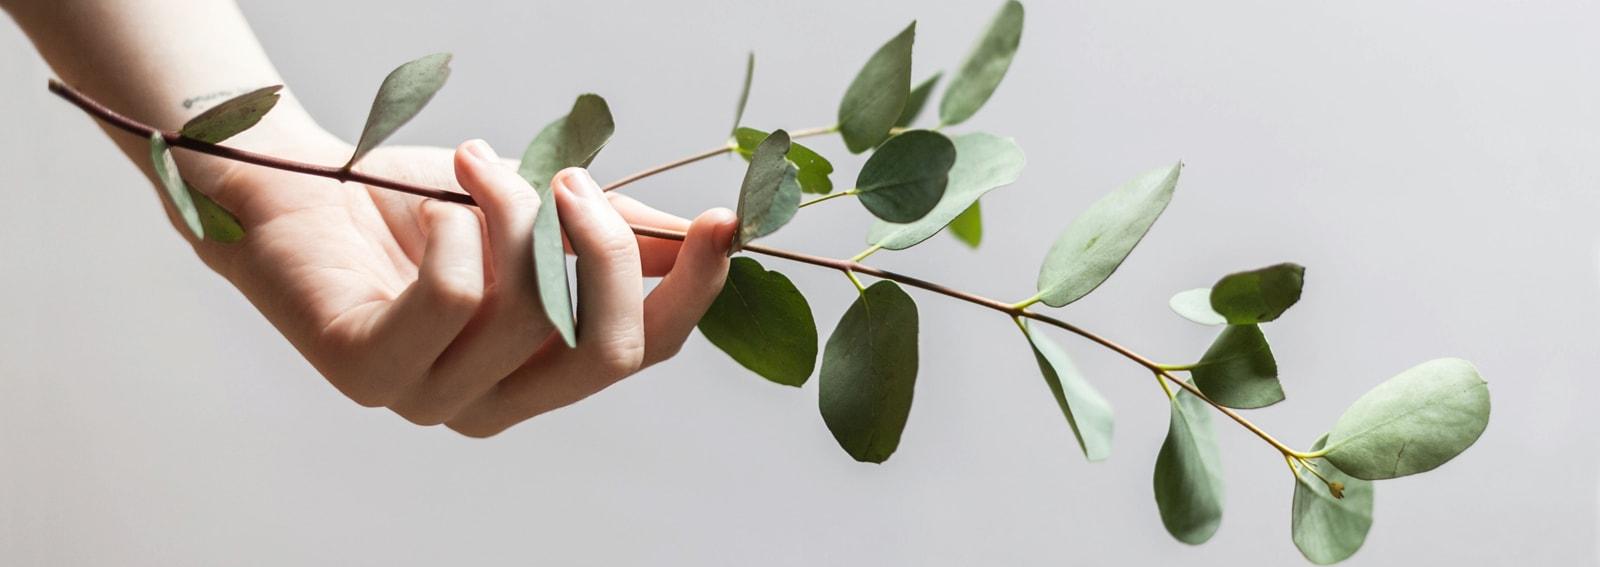 visore-abitudini-greenDESK